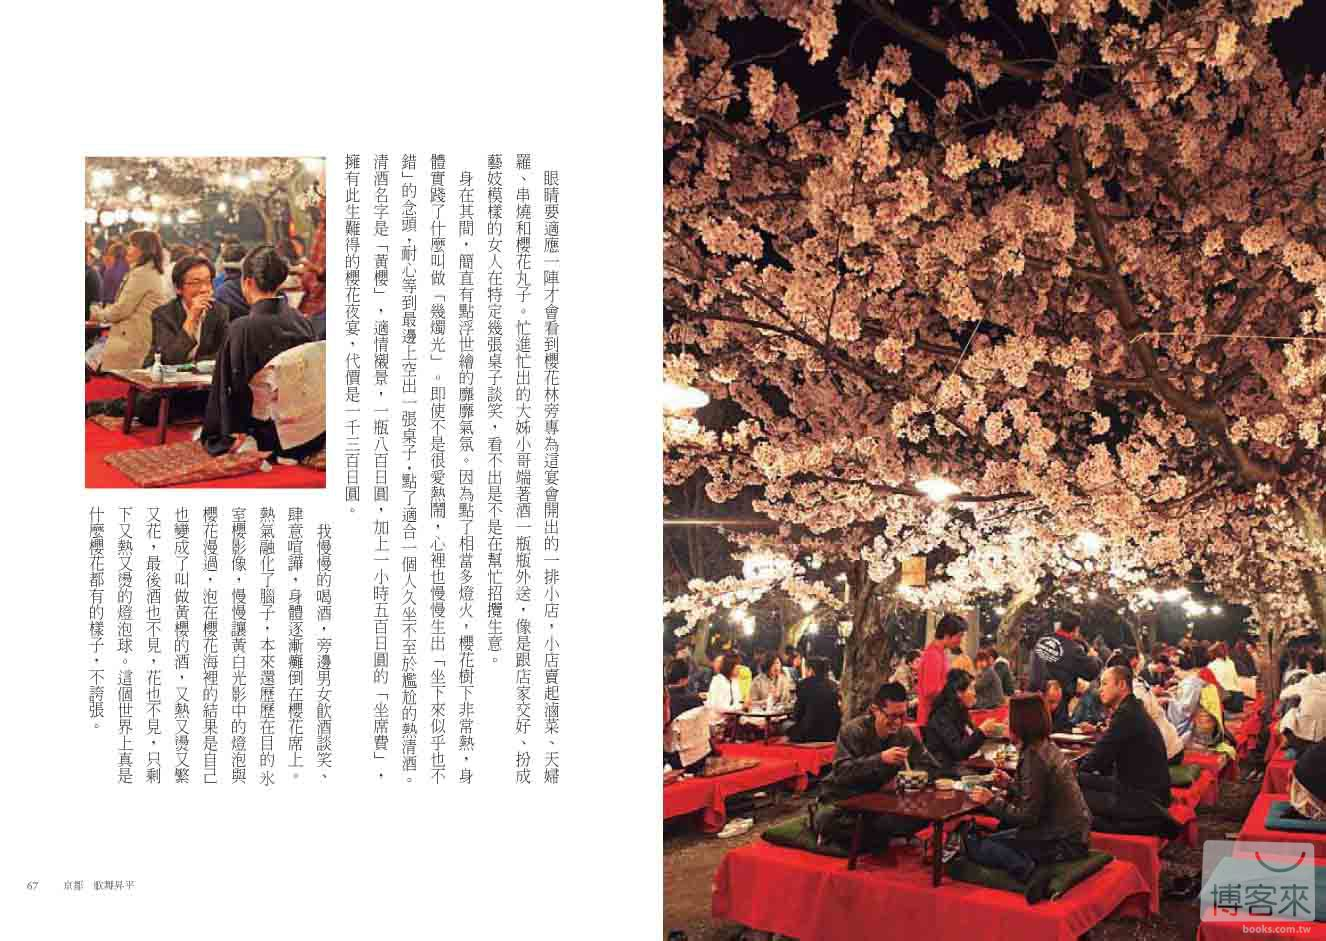 http://im2.book.com.tw/image/getImage?i=http://www.books.com.tw/img/001/057/41/0010574117_b_09.jpg&v=510a4854&w=655&h=609